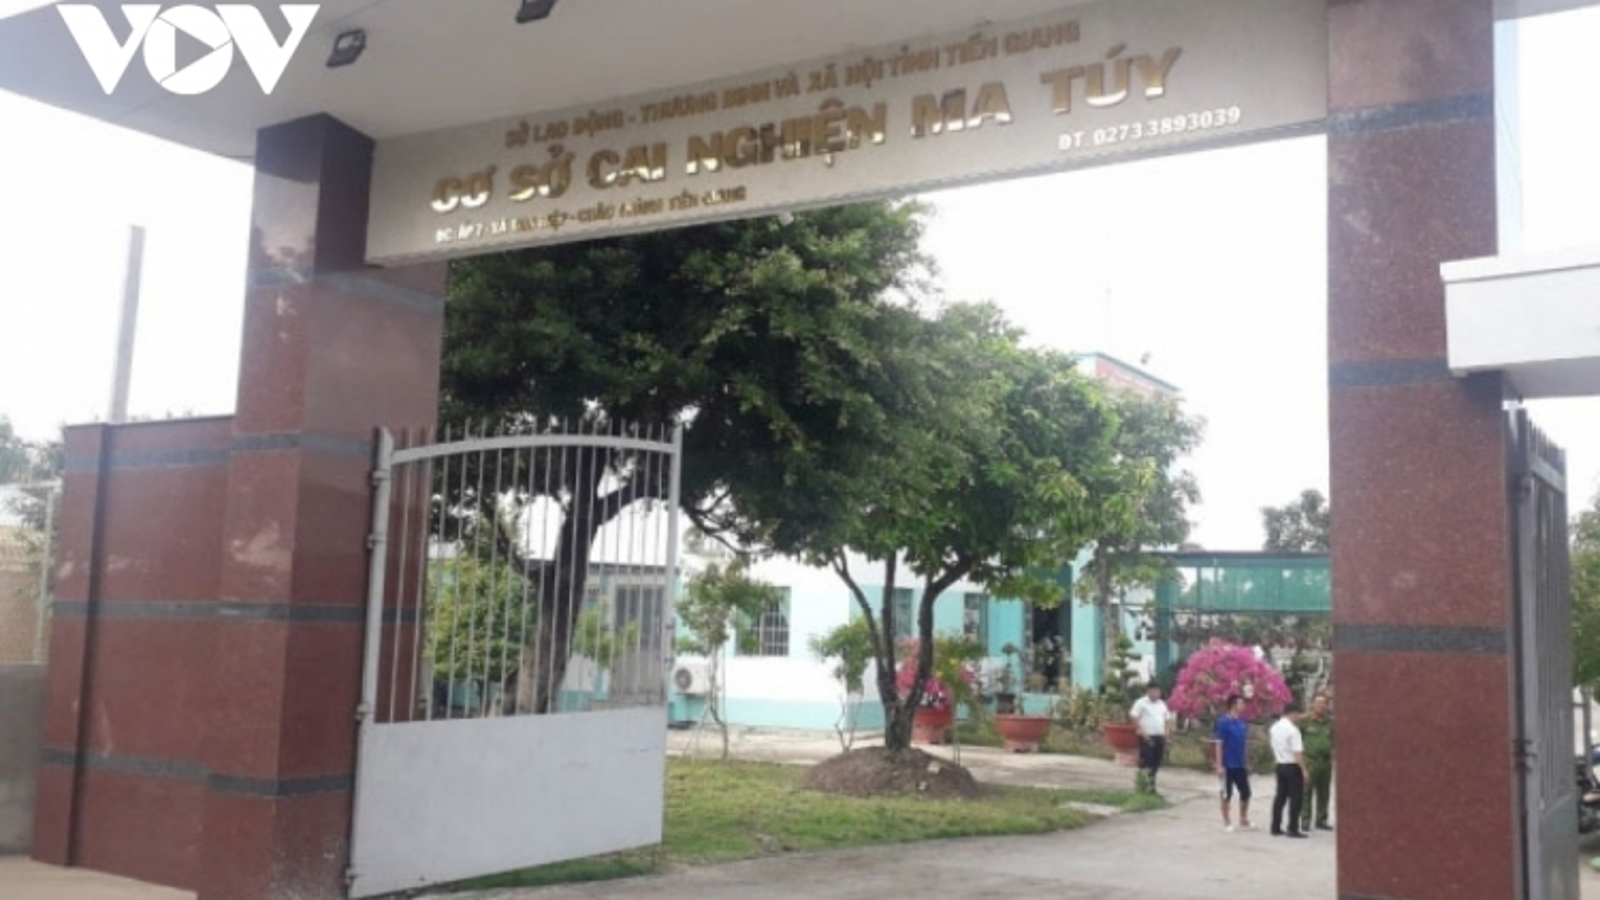 ĐBQH tán thành bỏ biện pháp giáo dục tại xã, phường, thị trấn với người nghiện ma tuý